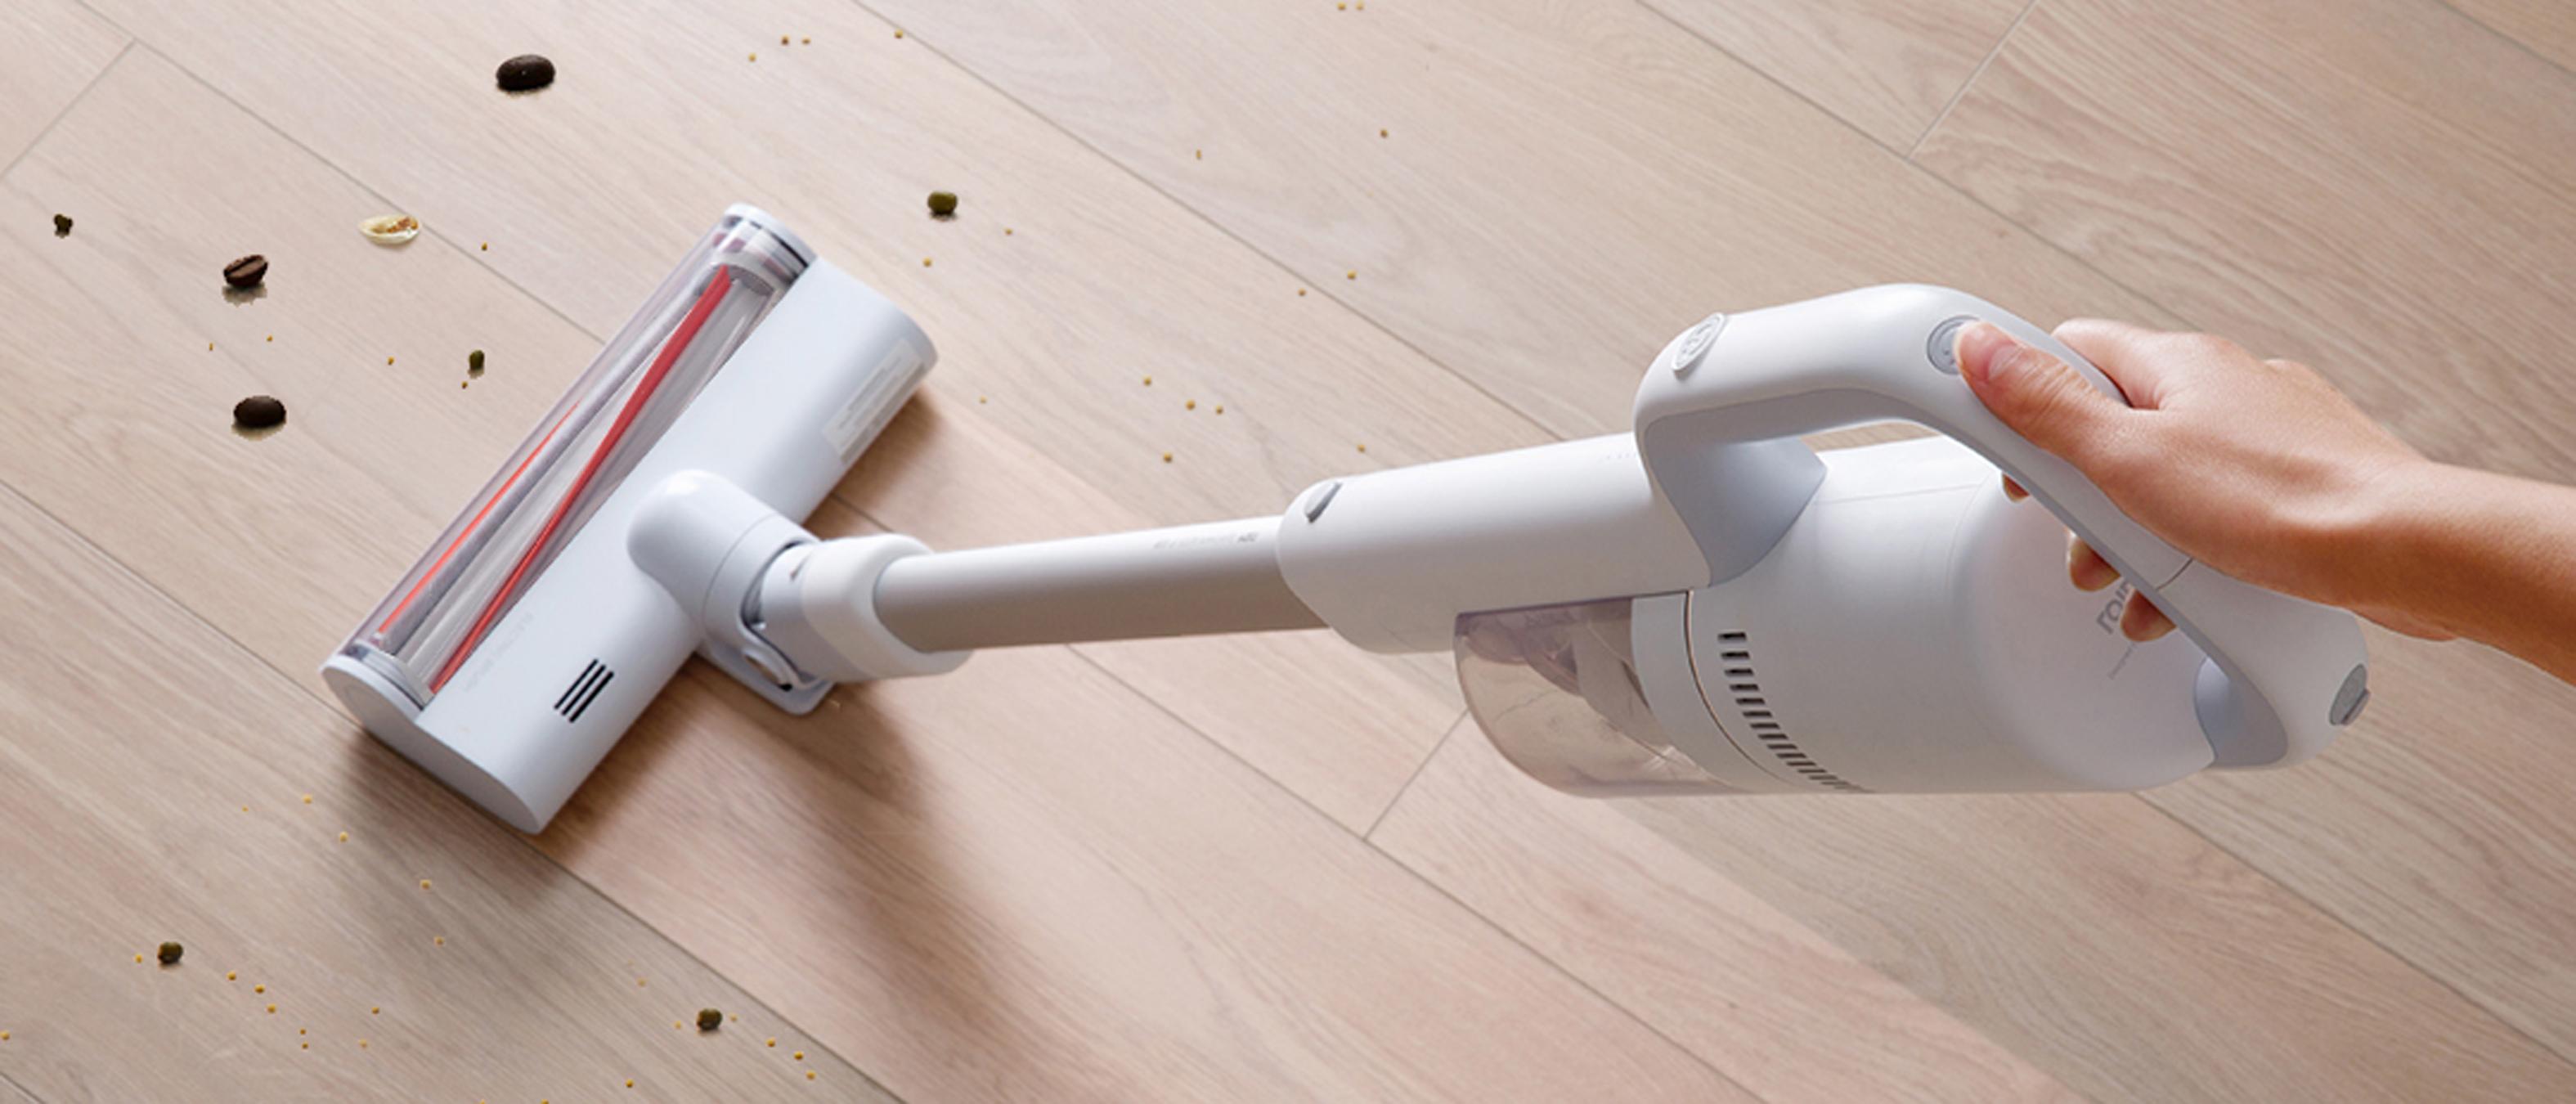 Roidmi R10 cordless vacuum cleaner